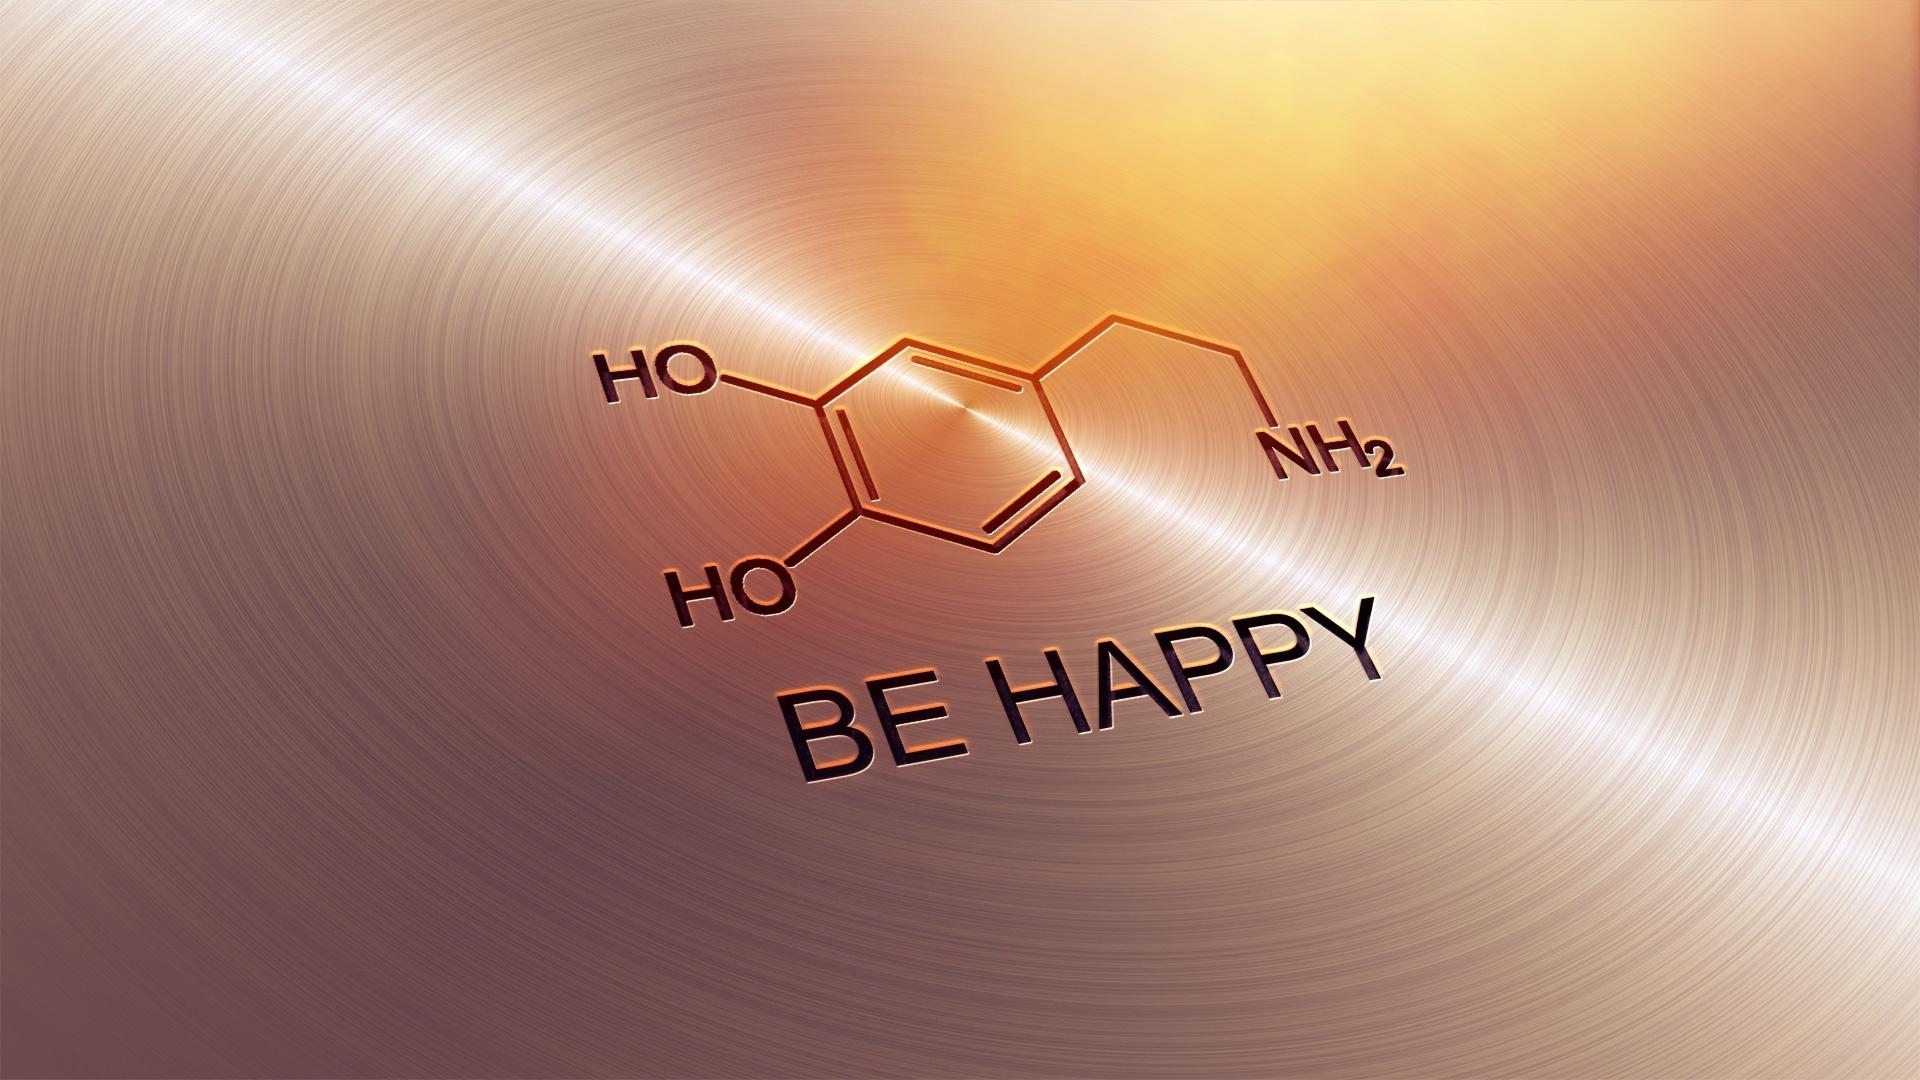 Afbeeldingsresultaat voor dopamine happy